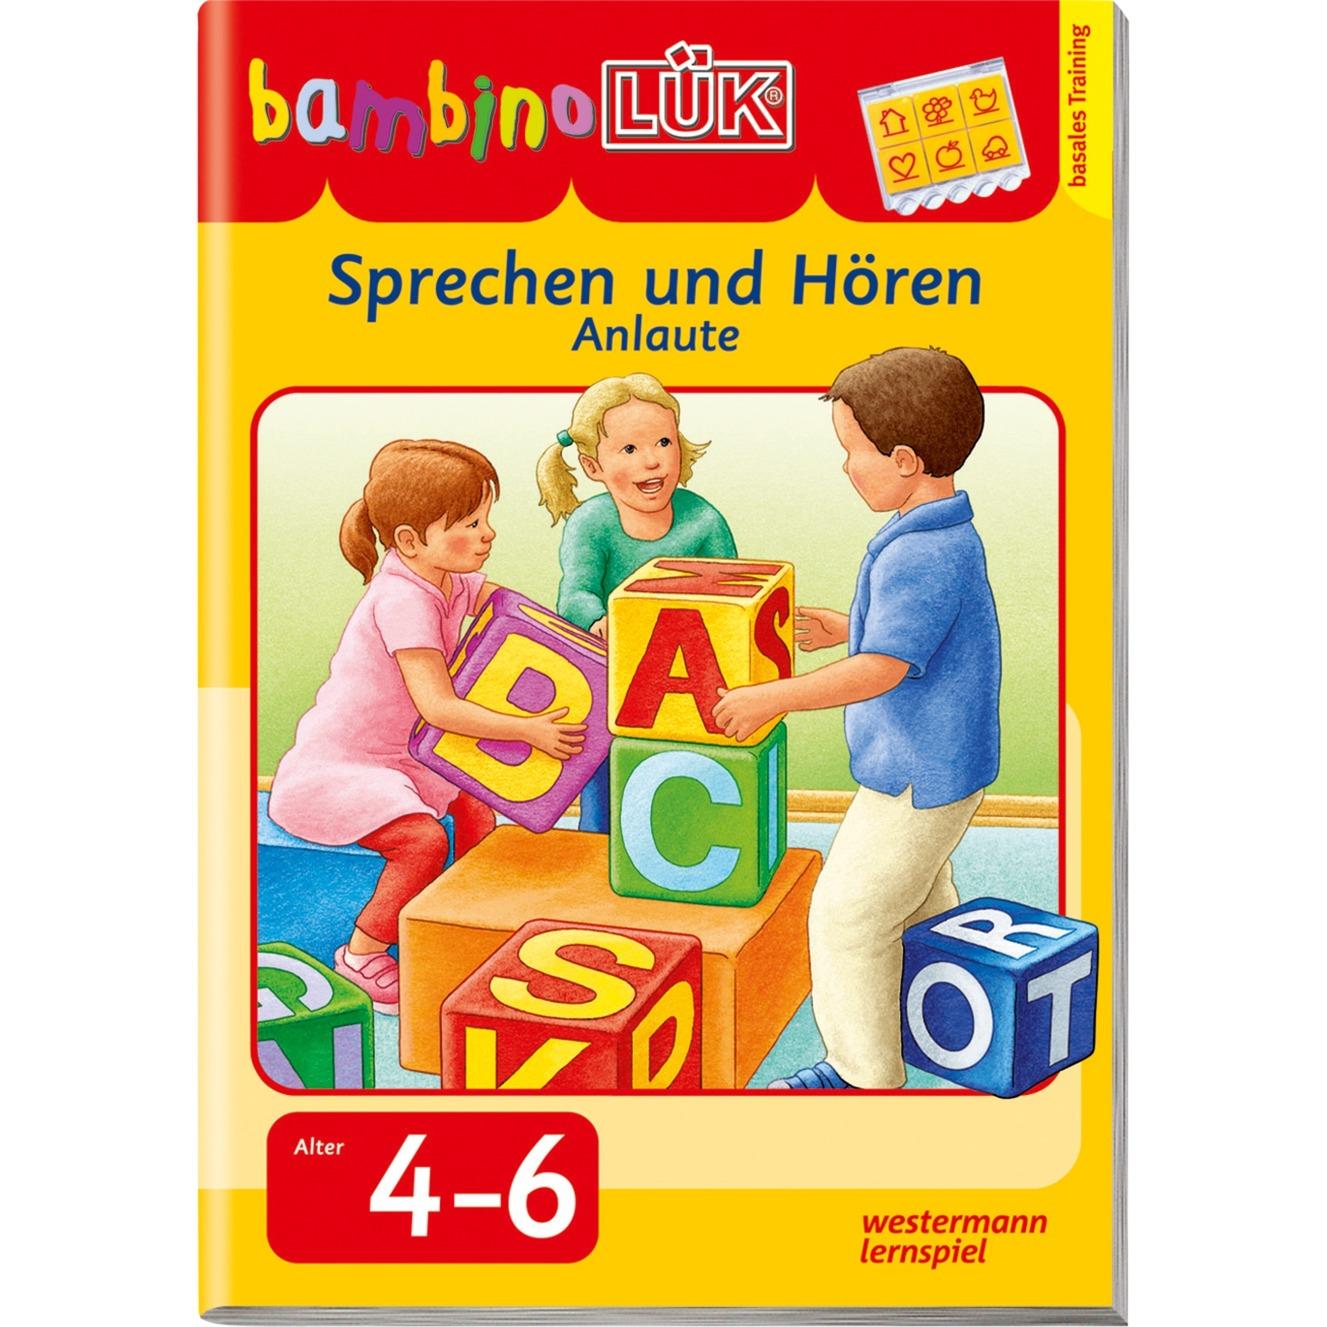 bambino-l-ue-k-sprechen-und-hoeren-sprechen-und-hoeren-anlaute-bornebog-bog-til-indlaring-skolebog